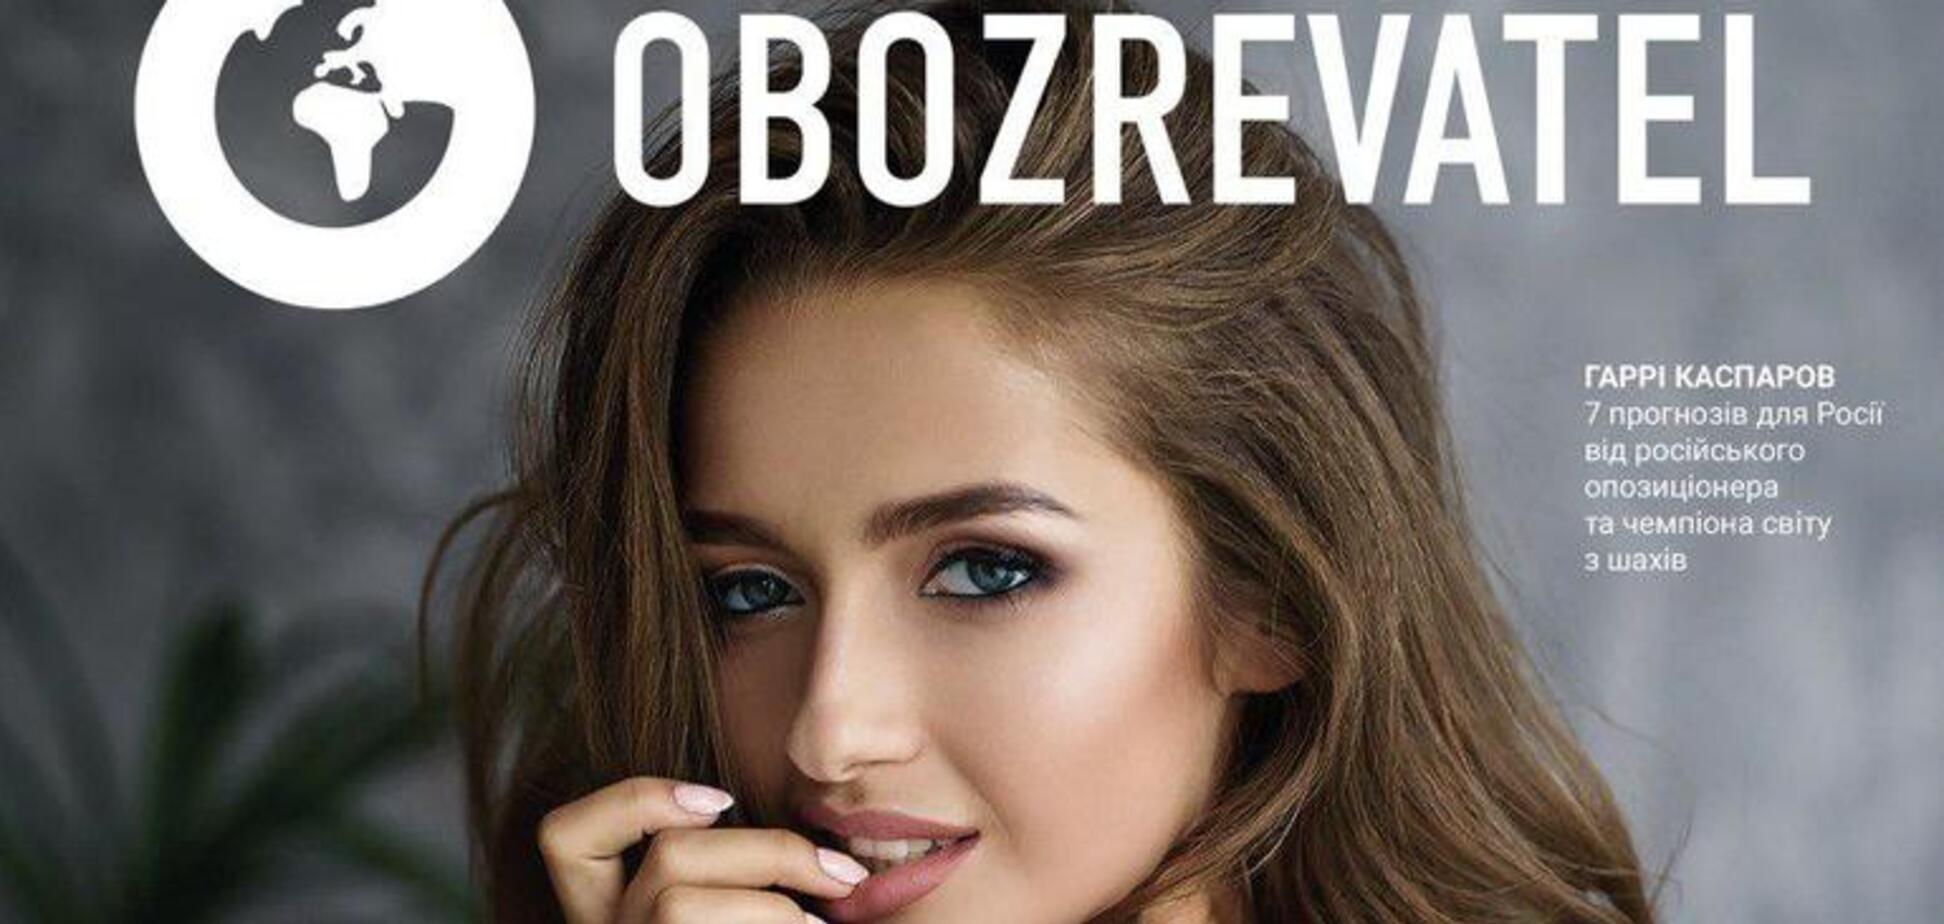 OBOZREVATEL выпустил журнал: встречайте первый номер